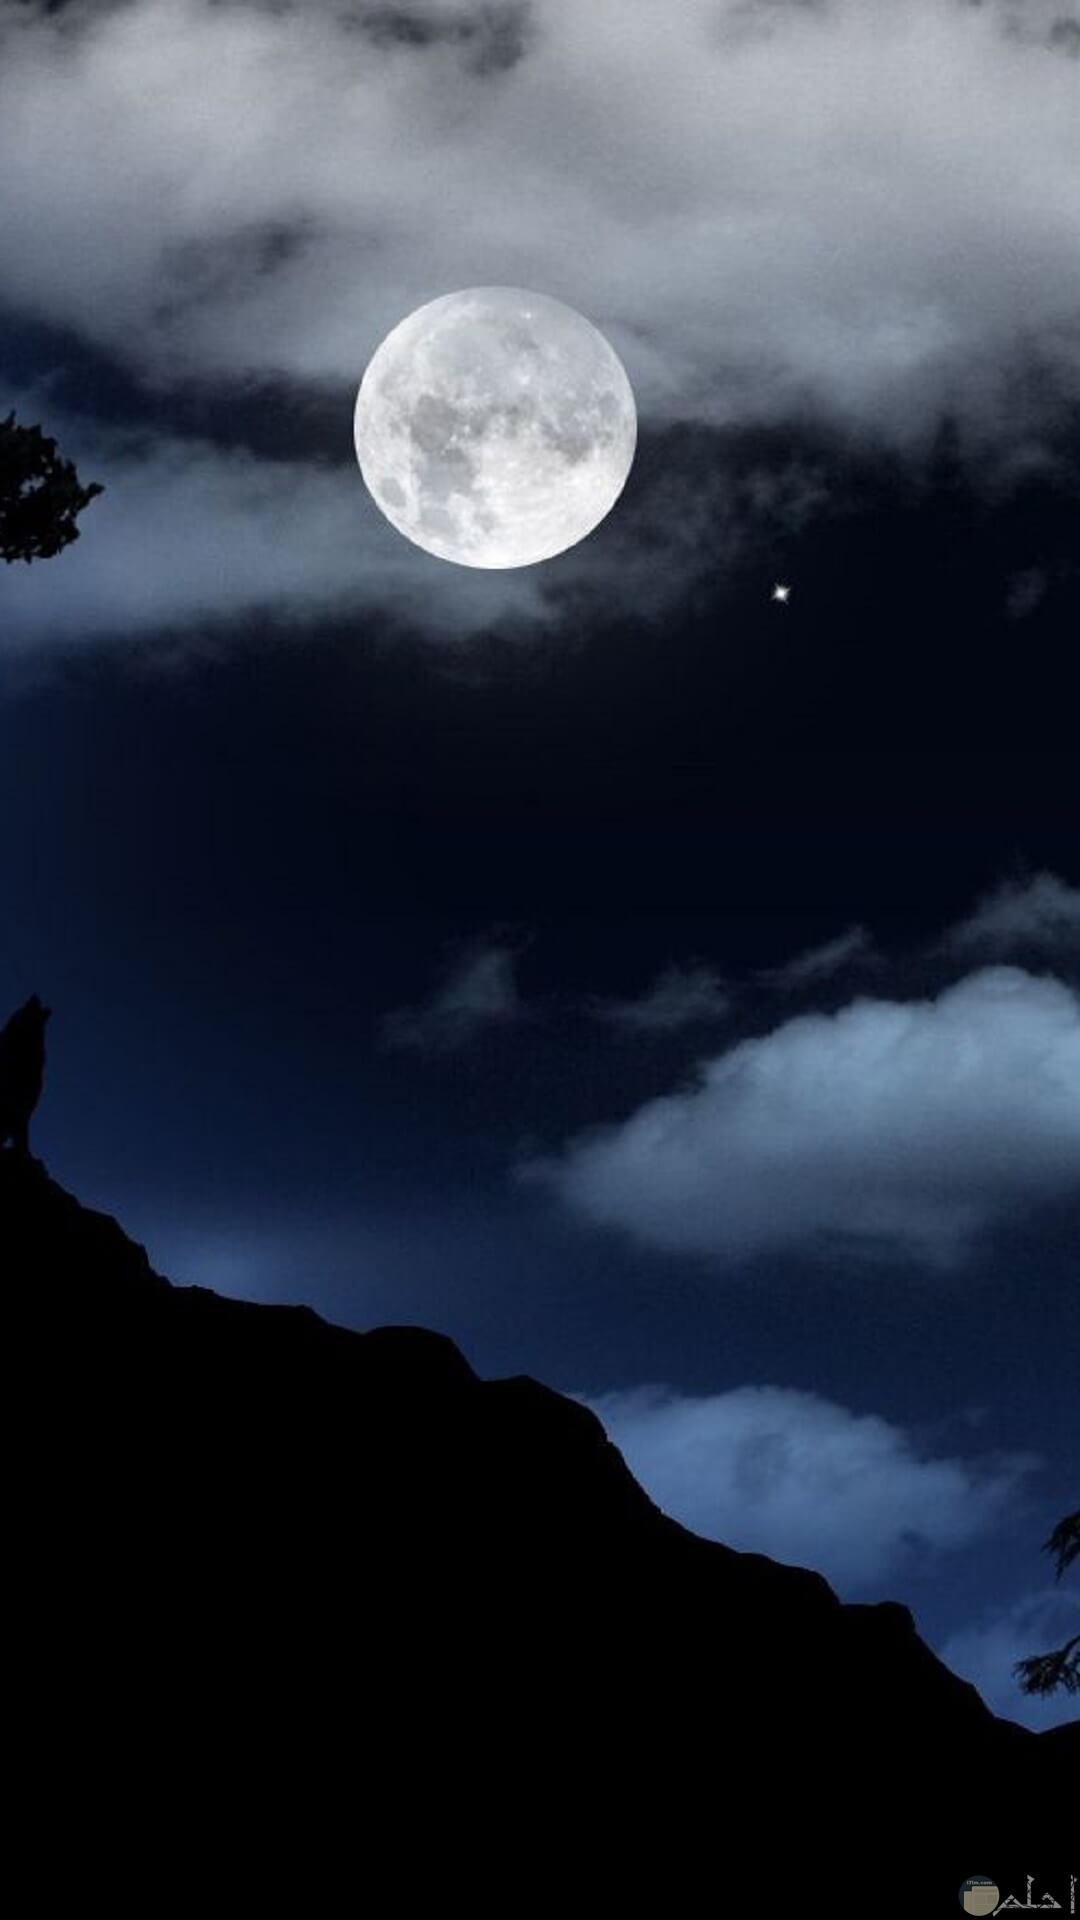 صورة حلوة للقمر ممتعة المظهر.